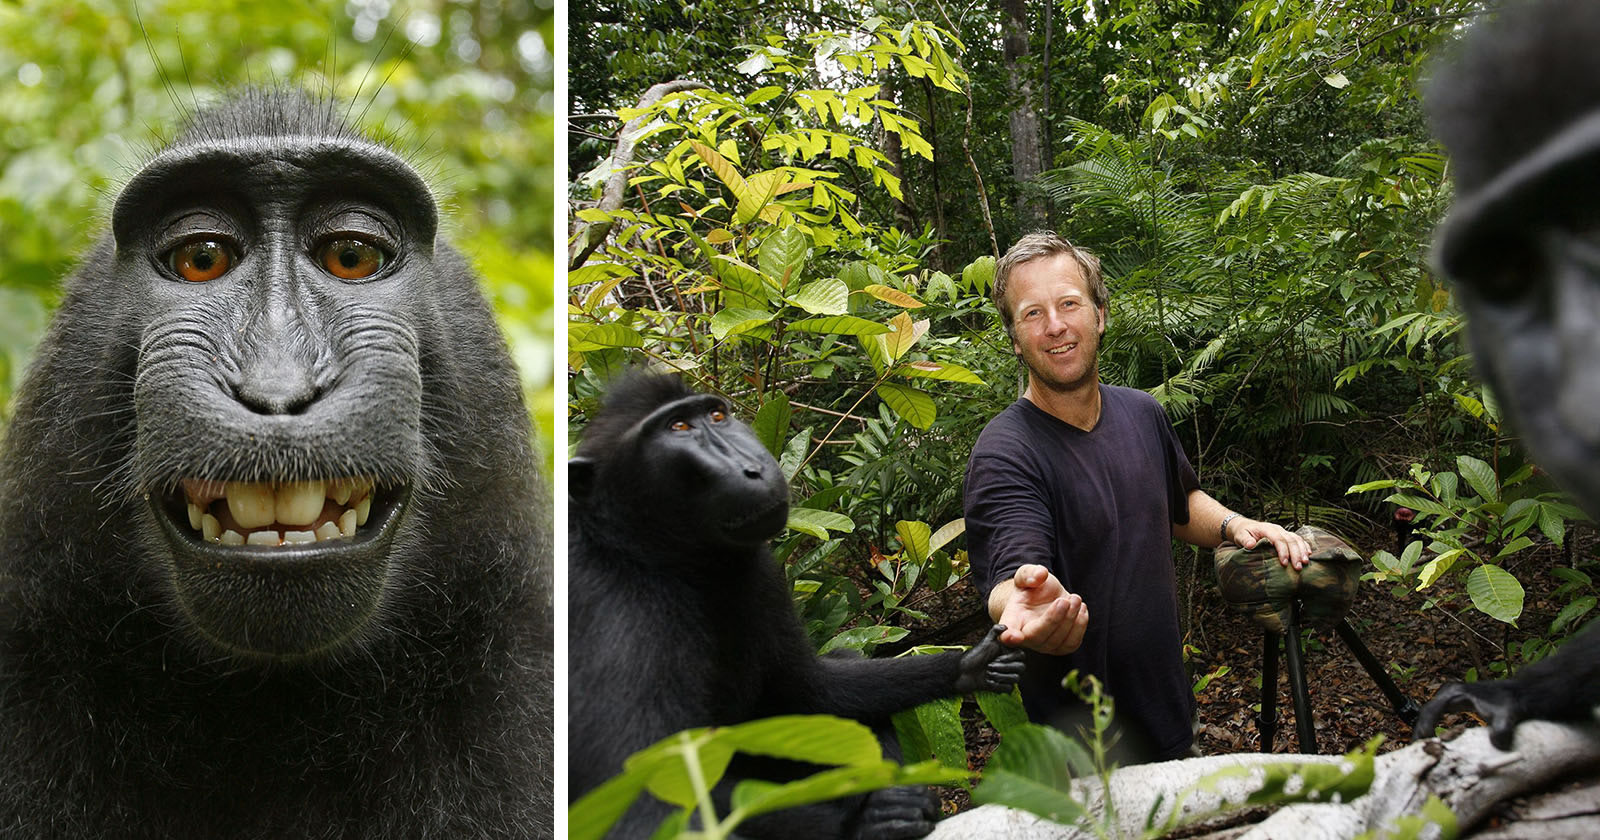 La selfie de mono de David Slater.